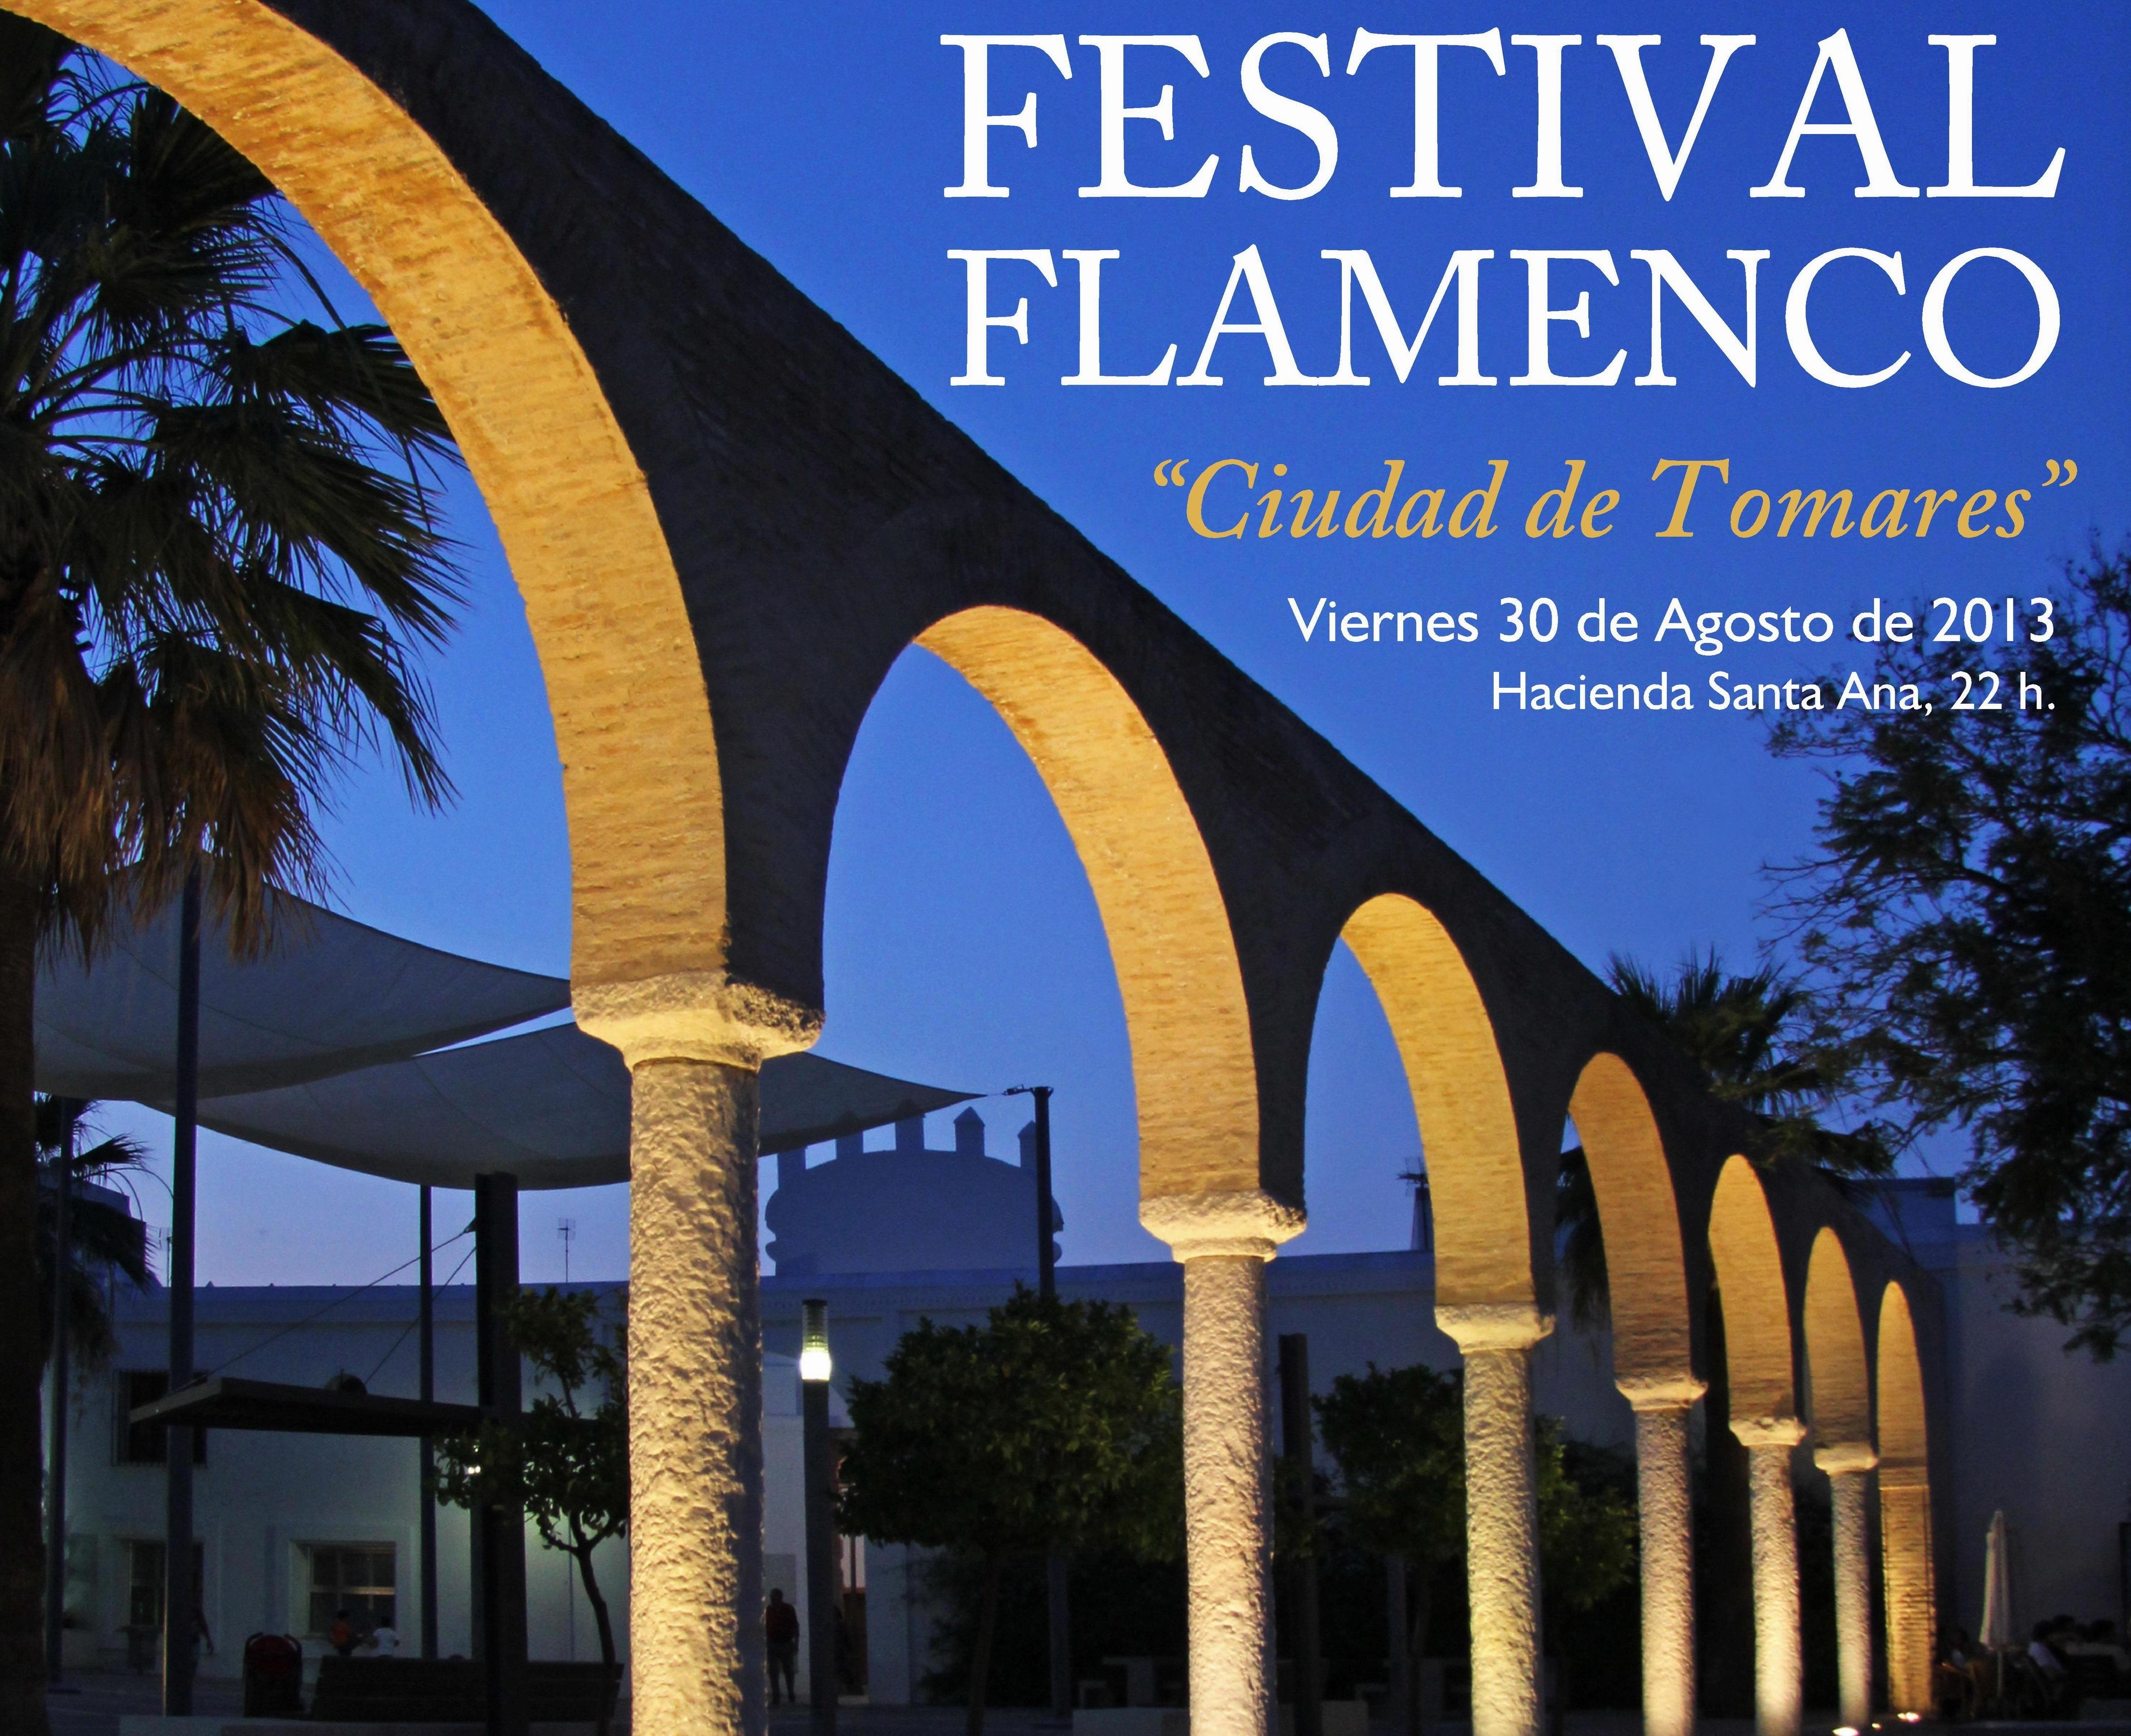 Tomares celebra este viernes la XXXVIII Edición del Festival Flamenco con artistas de la localidad